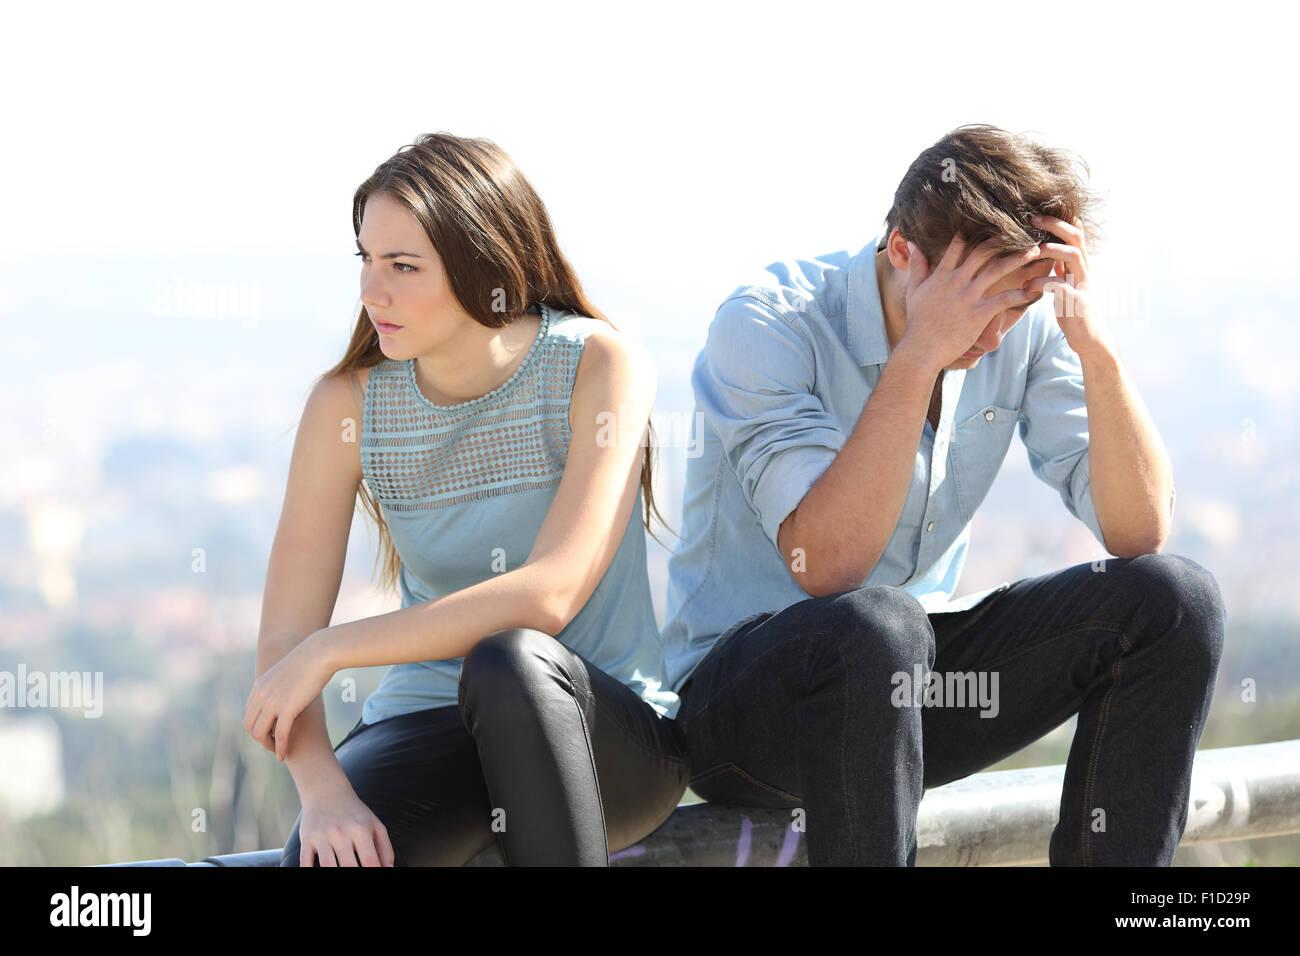 Böses Mädchen Streit mit ihr paar Trennung Konzept mit der Stadt im Hintergrund Stockbild